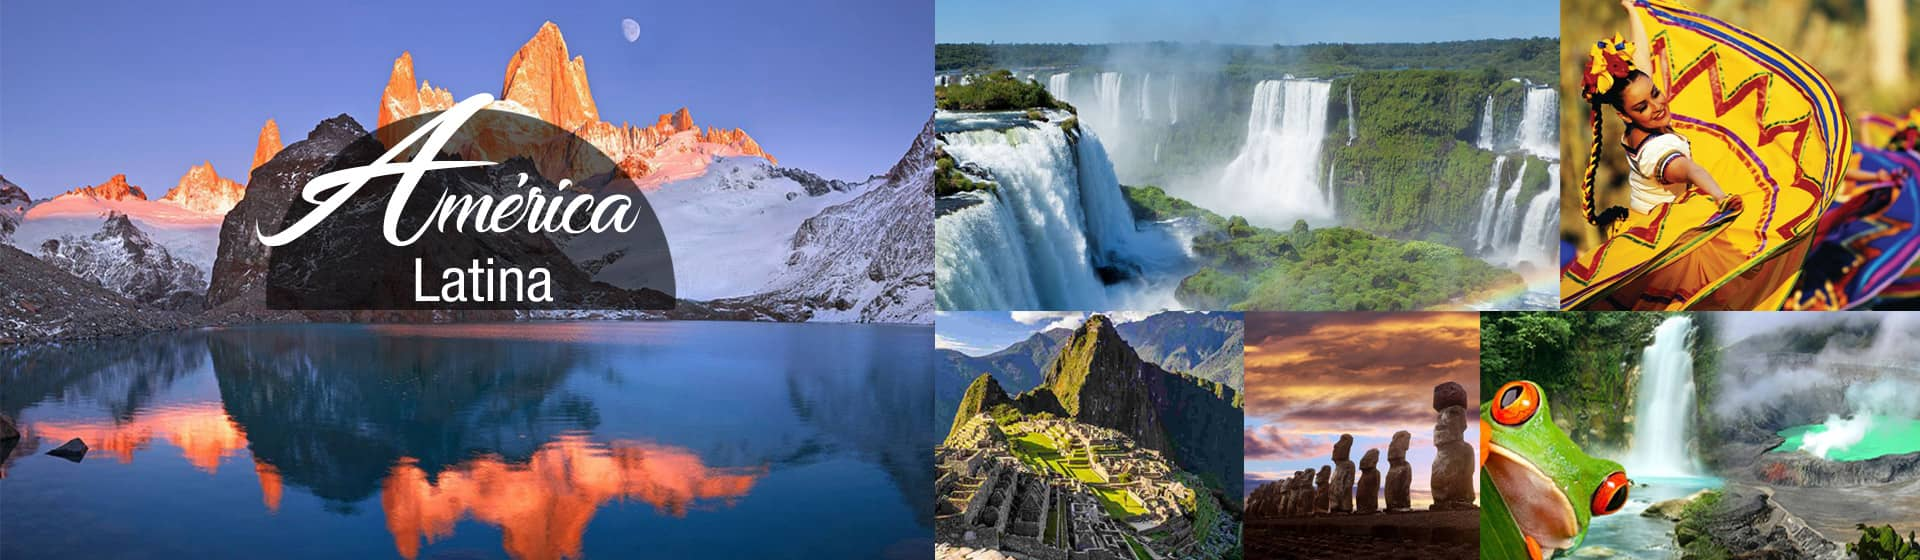 Viajes a América Latina